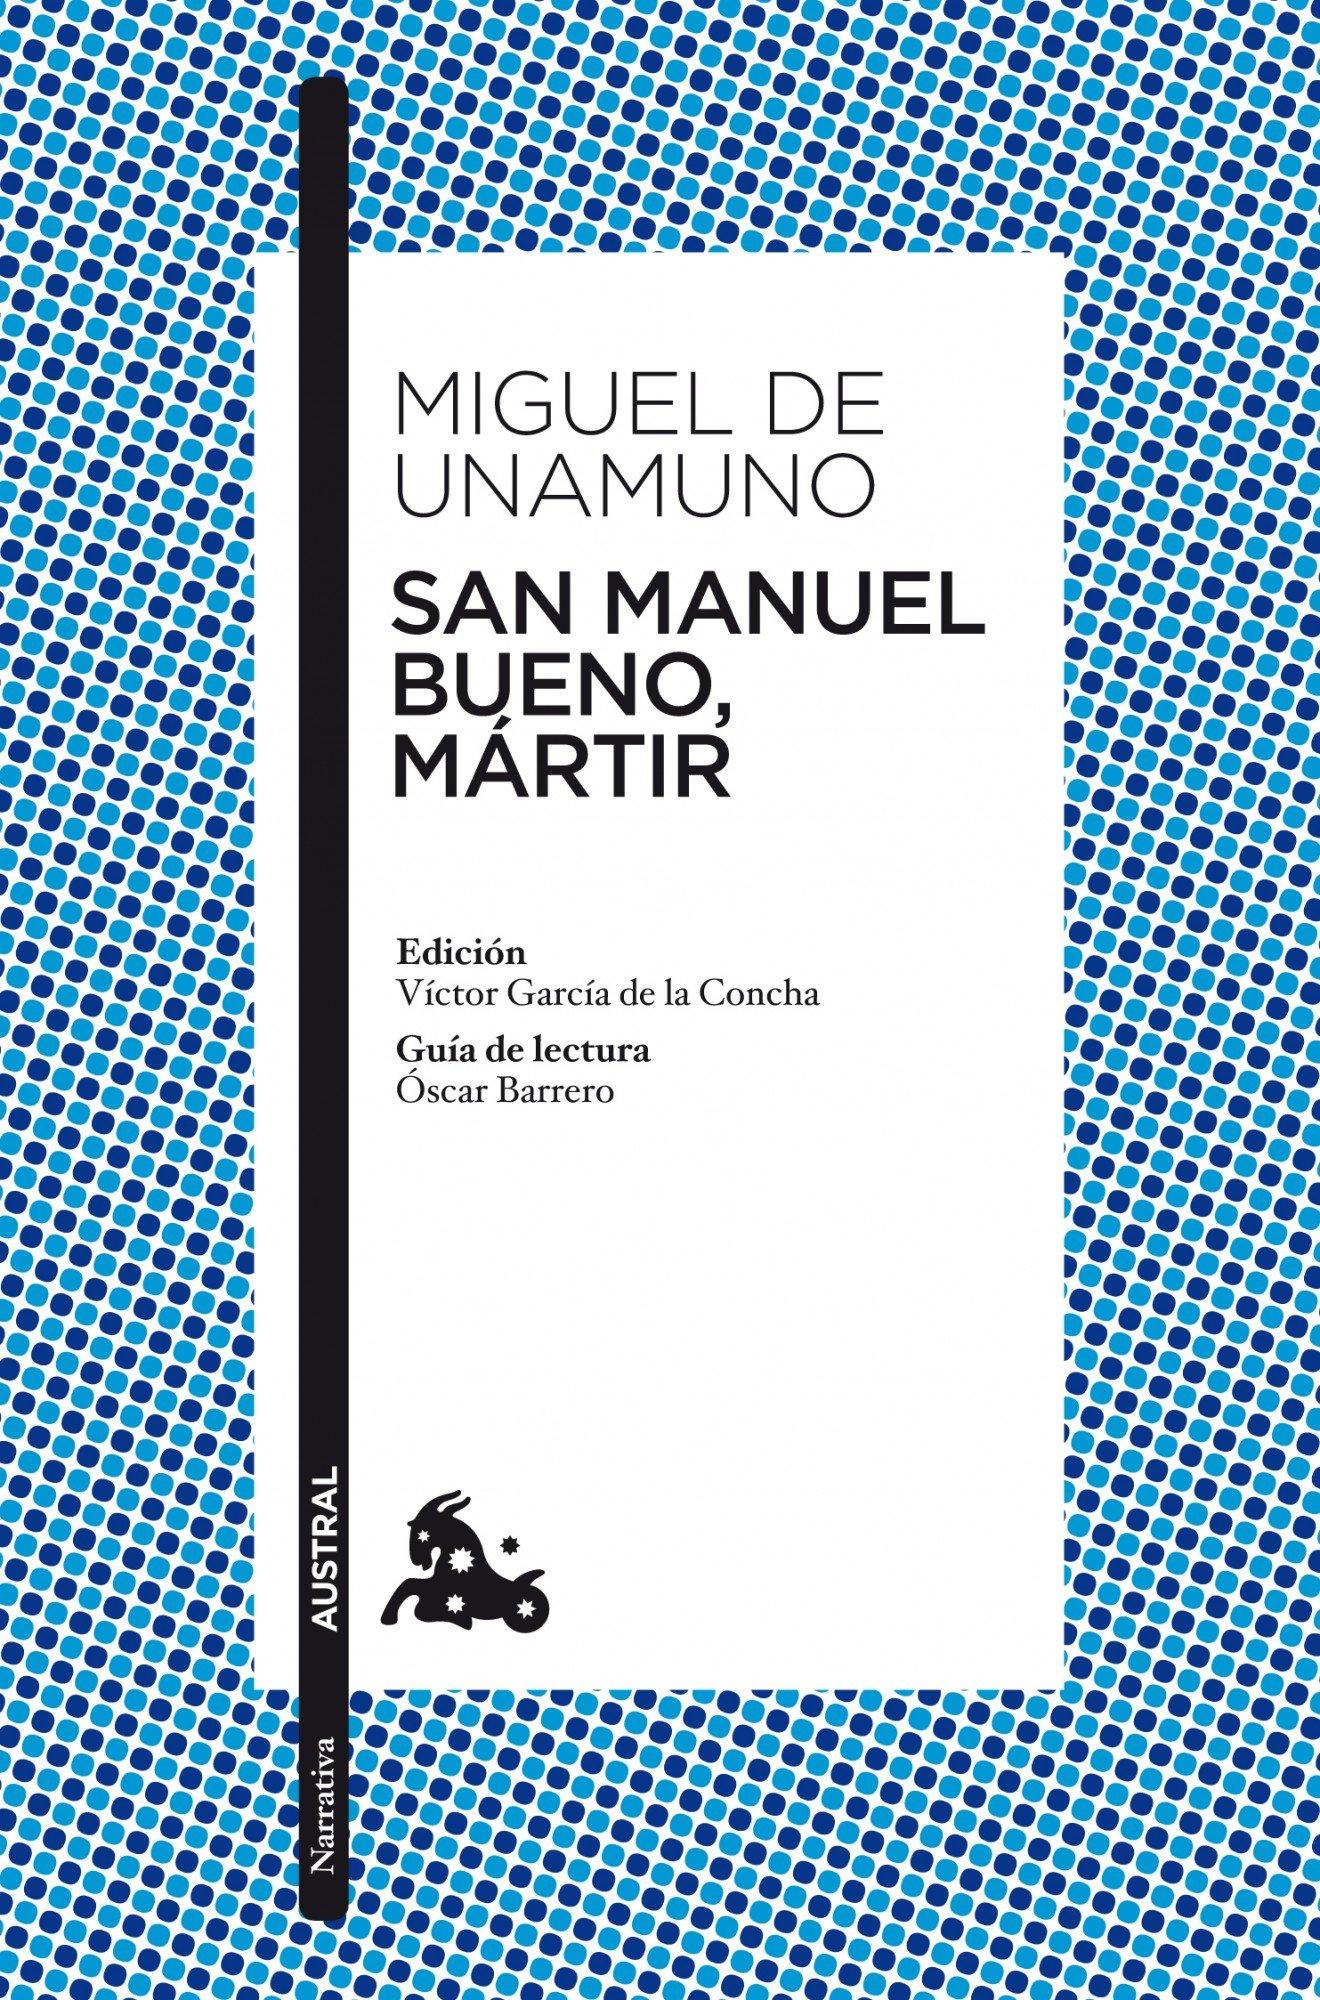 San Manuel Bueno, mártir (Clásica): Amazon.es: Unamuno, Miguel de: Libros